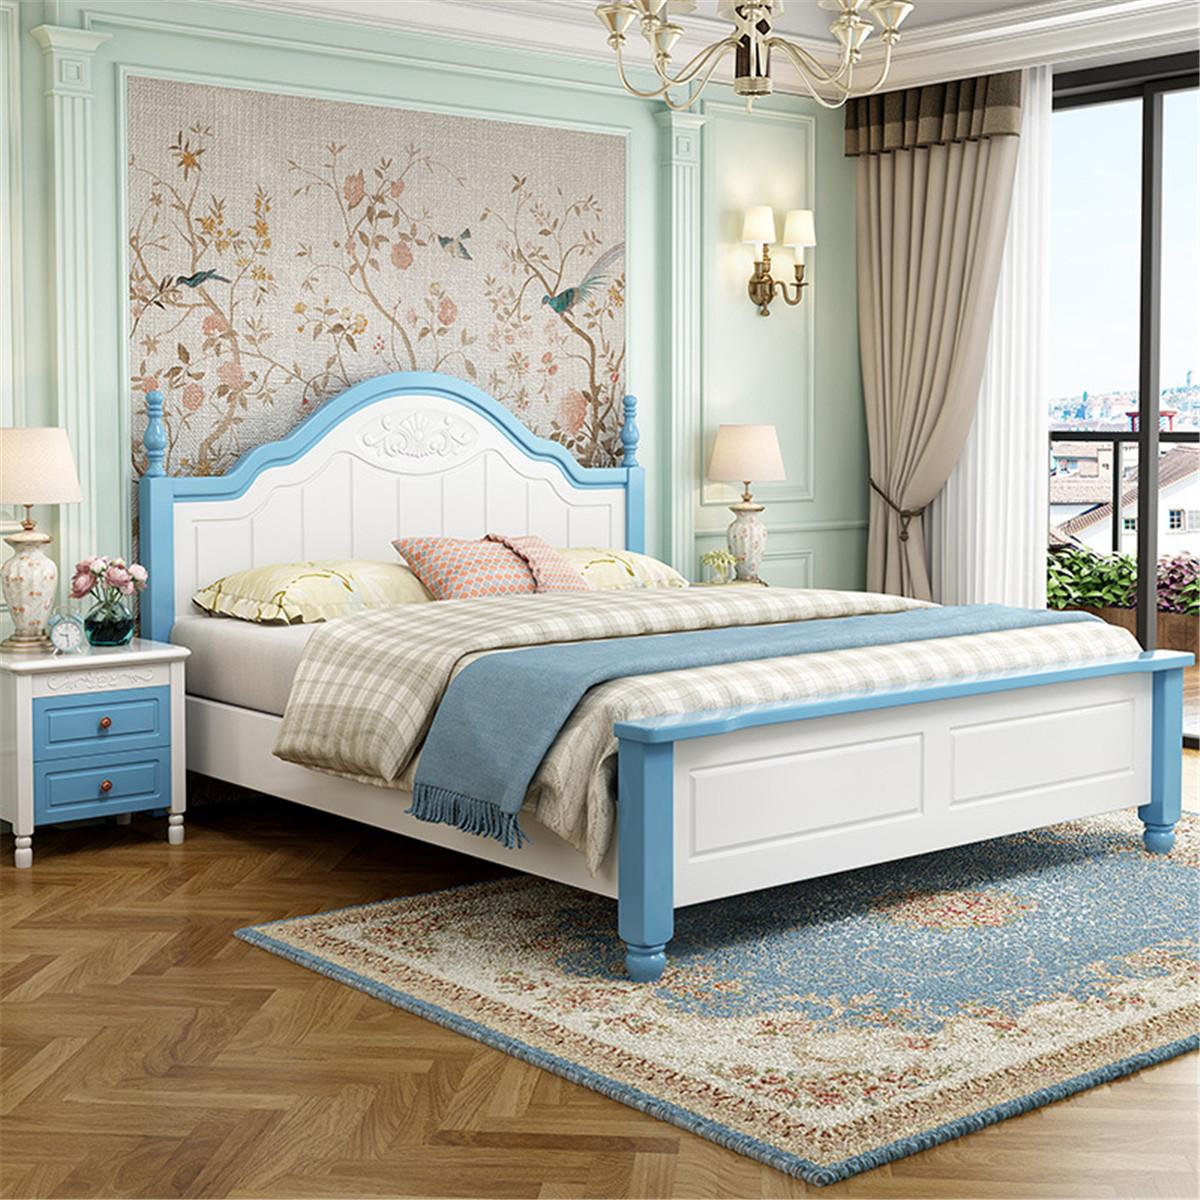 Mỹ trẻ em giường cậu bé công chúa giường giường giường 1.5m tất cả trẻ em giường bằng gỗ ổn định 1.2